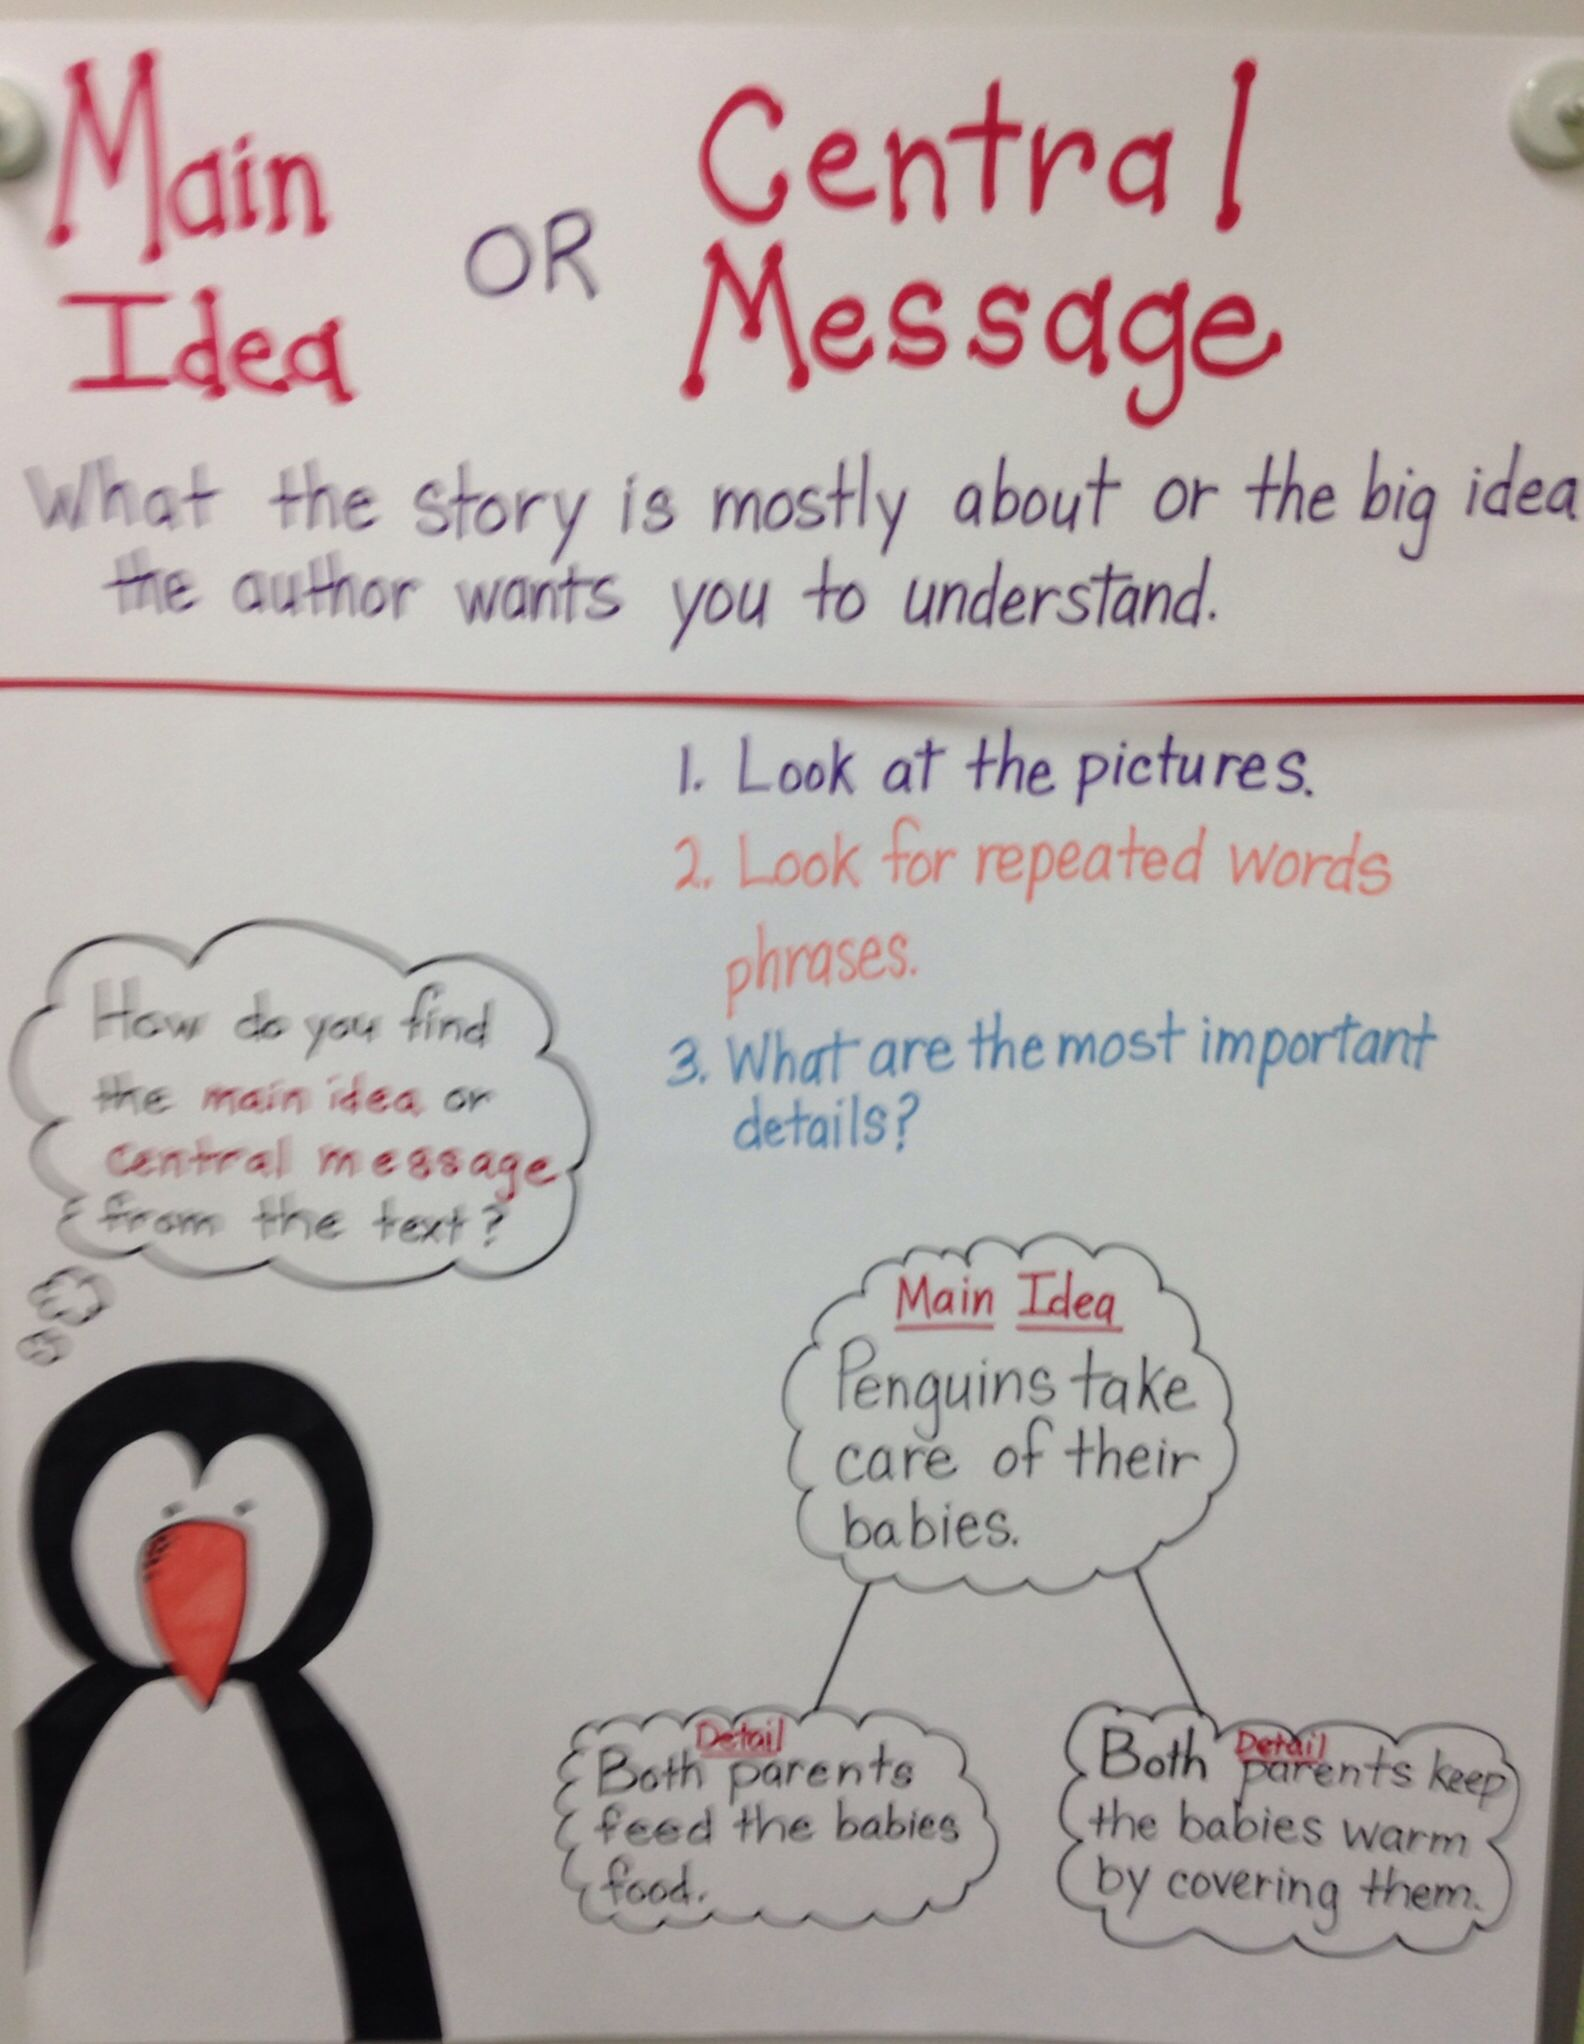 Main Idea Vs Central Message Third Grade Common Core